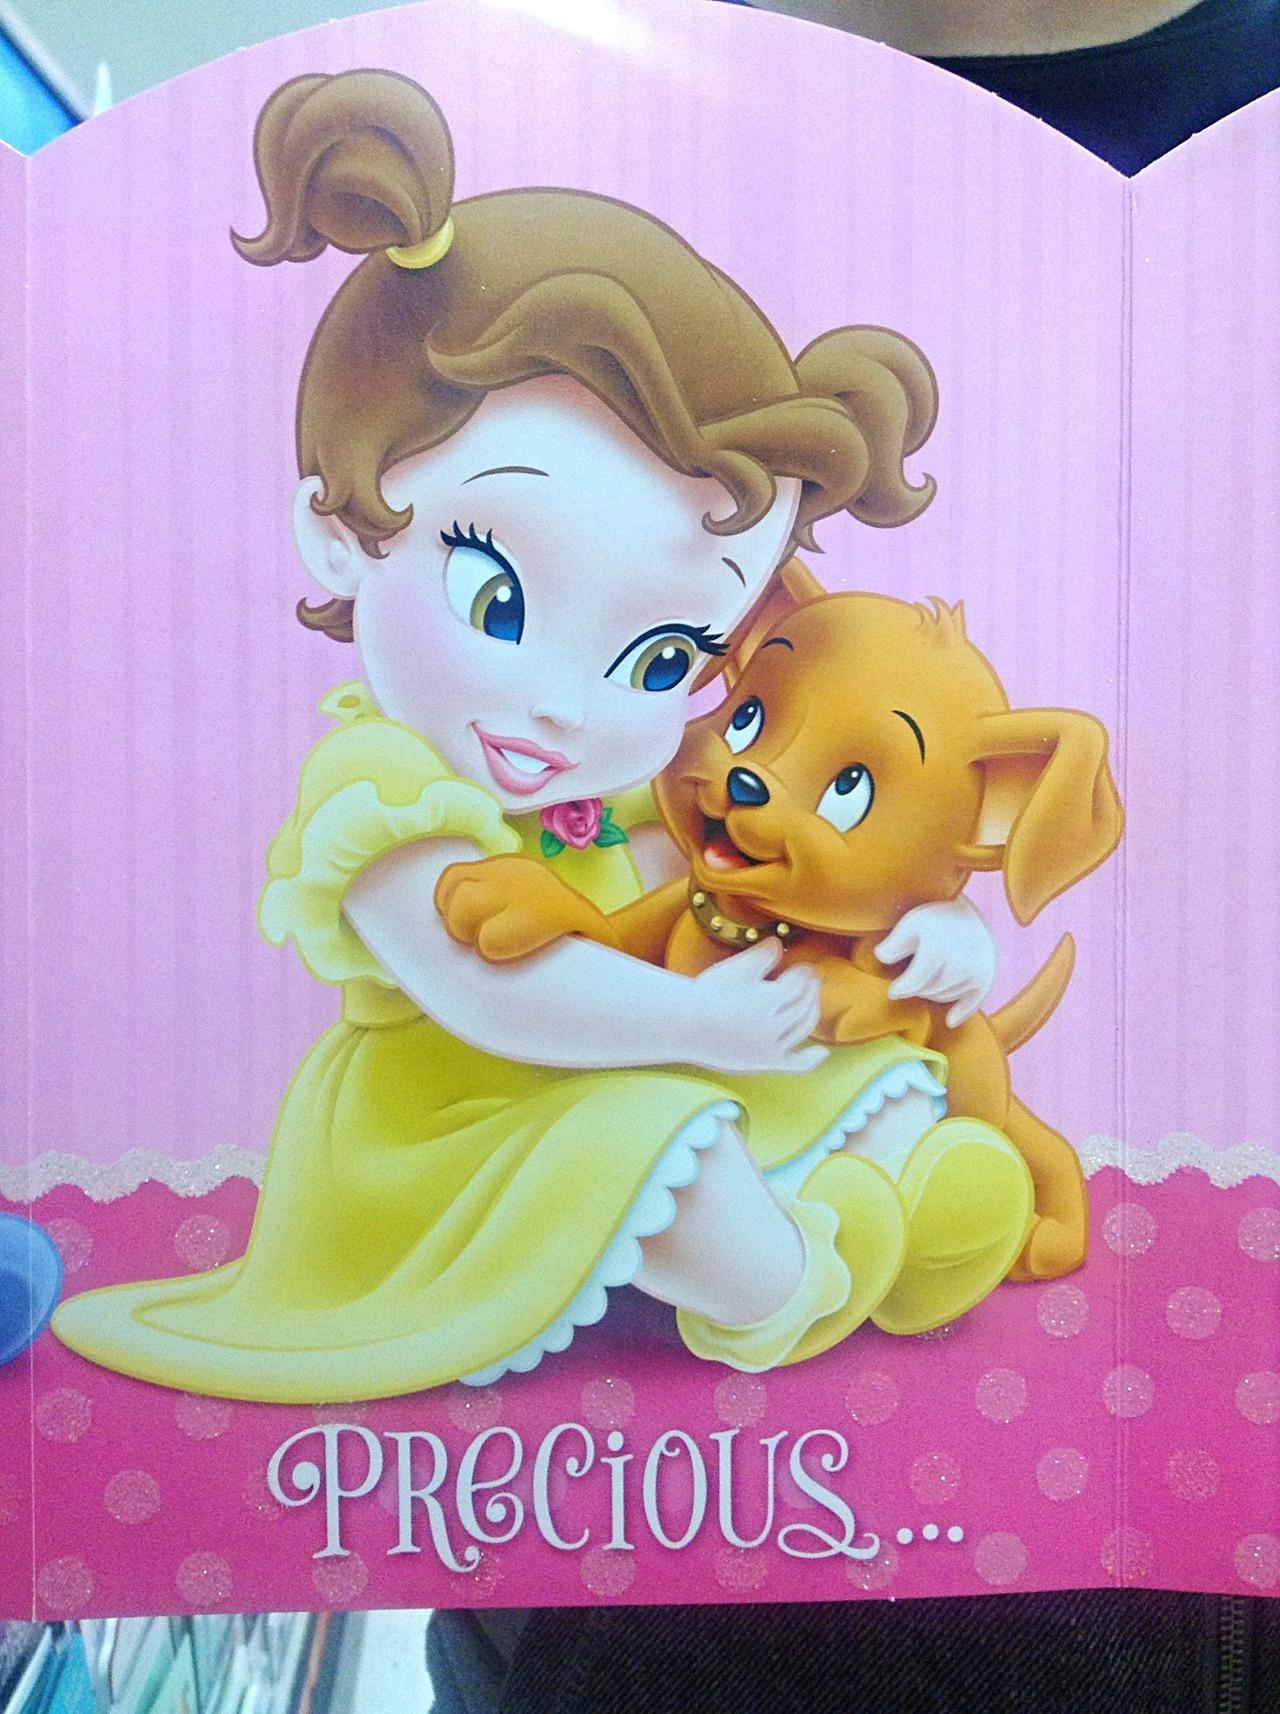 Disney-Princess-Baby-disney-princess-34491490-1280-1714 jpgBaby Disney Princess